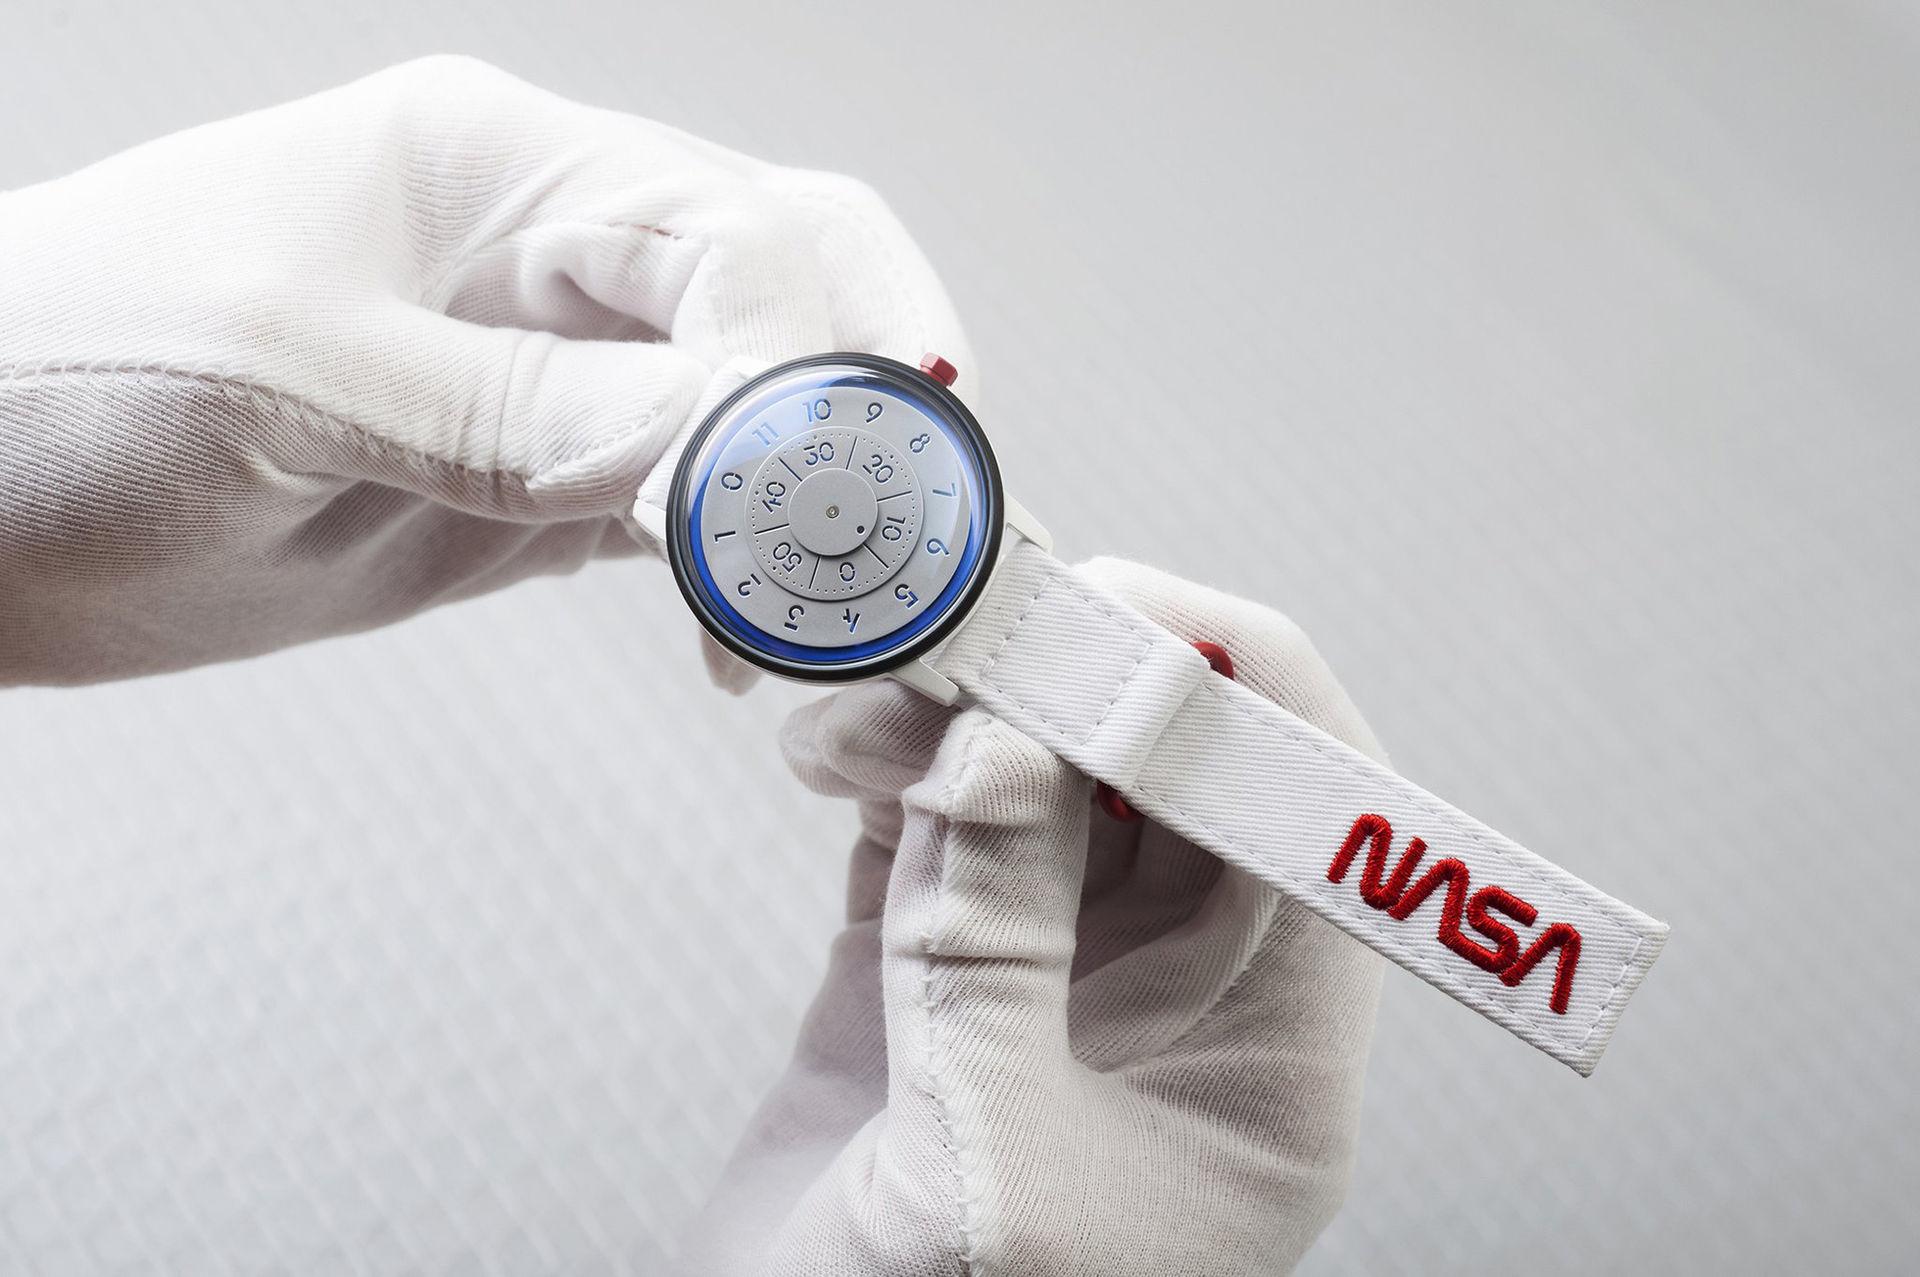 NASA-klockan sålde slut på en minut